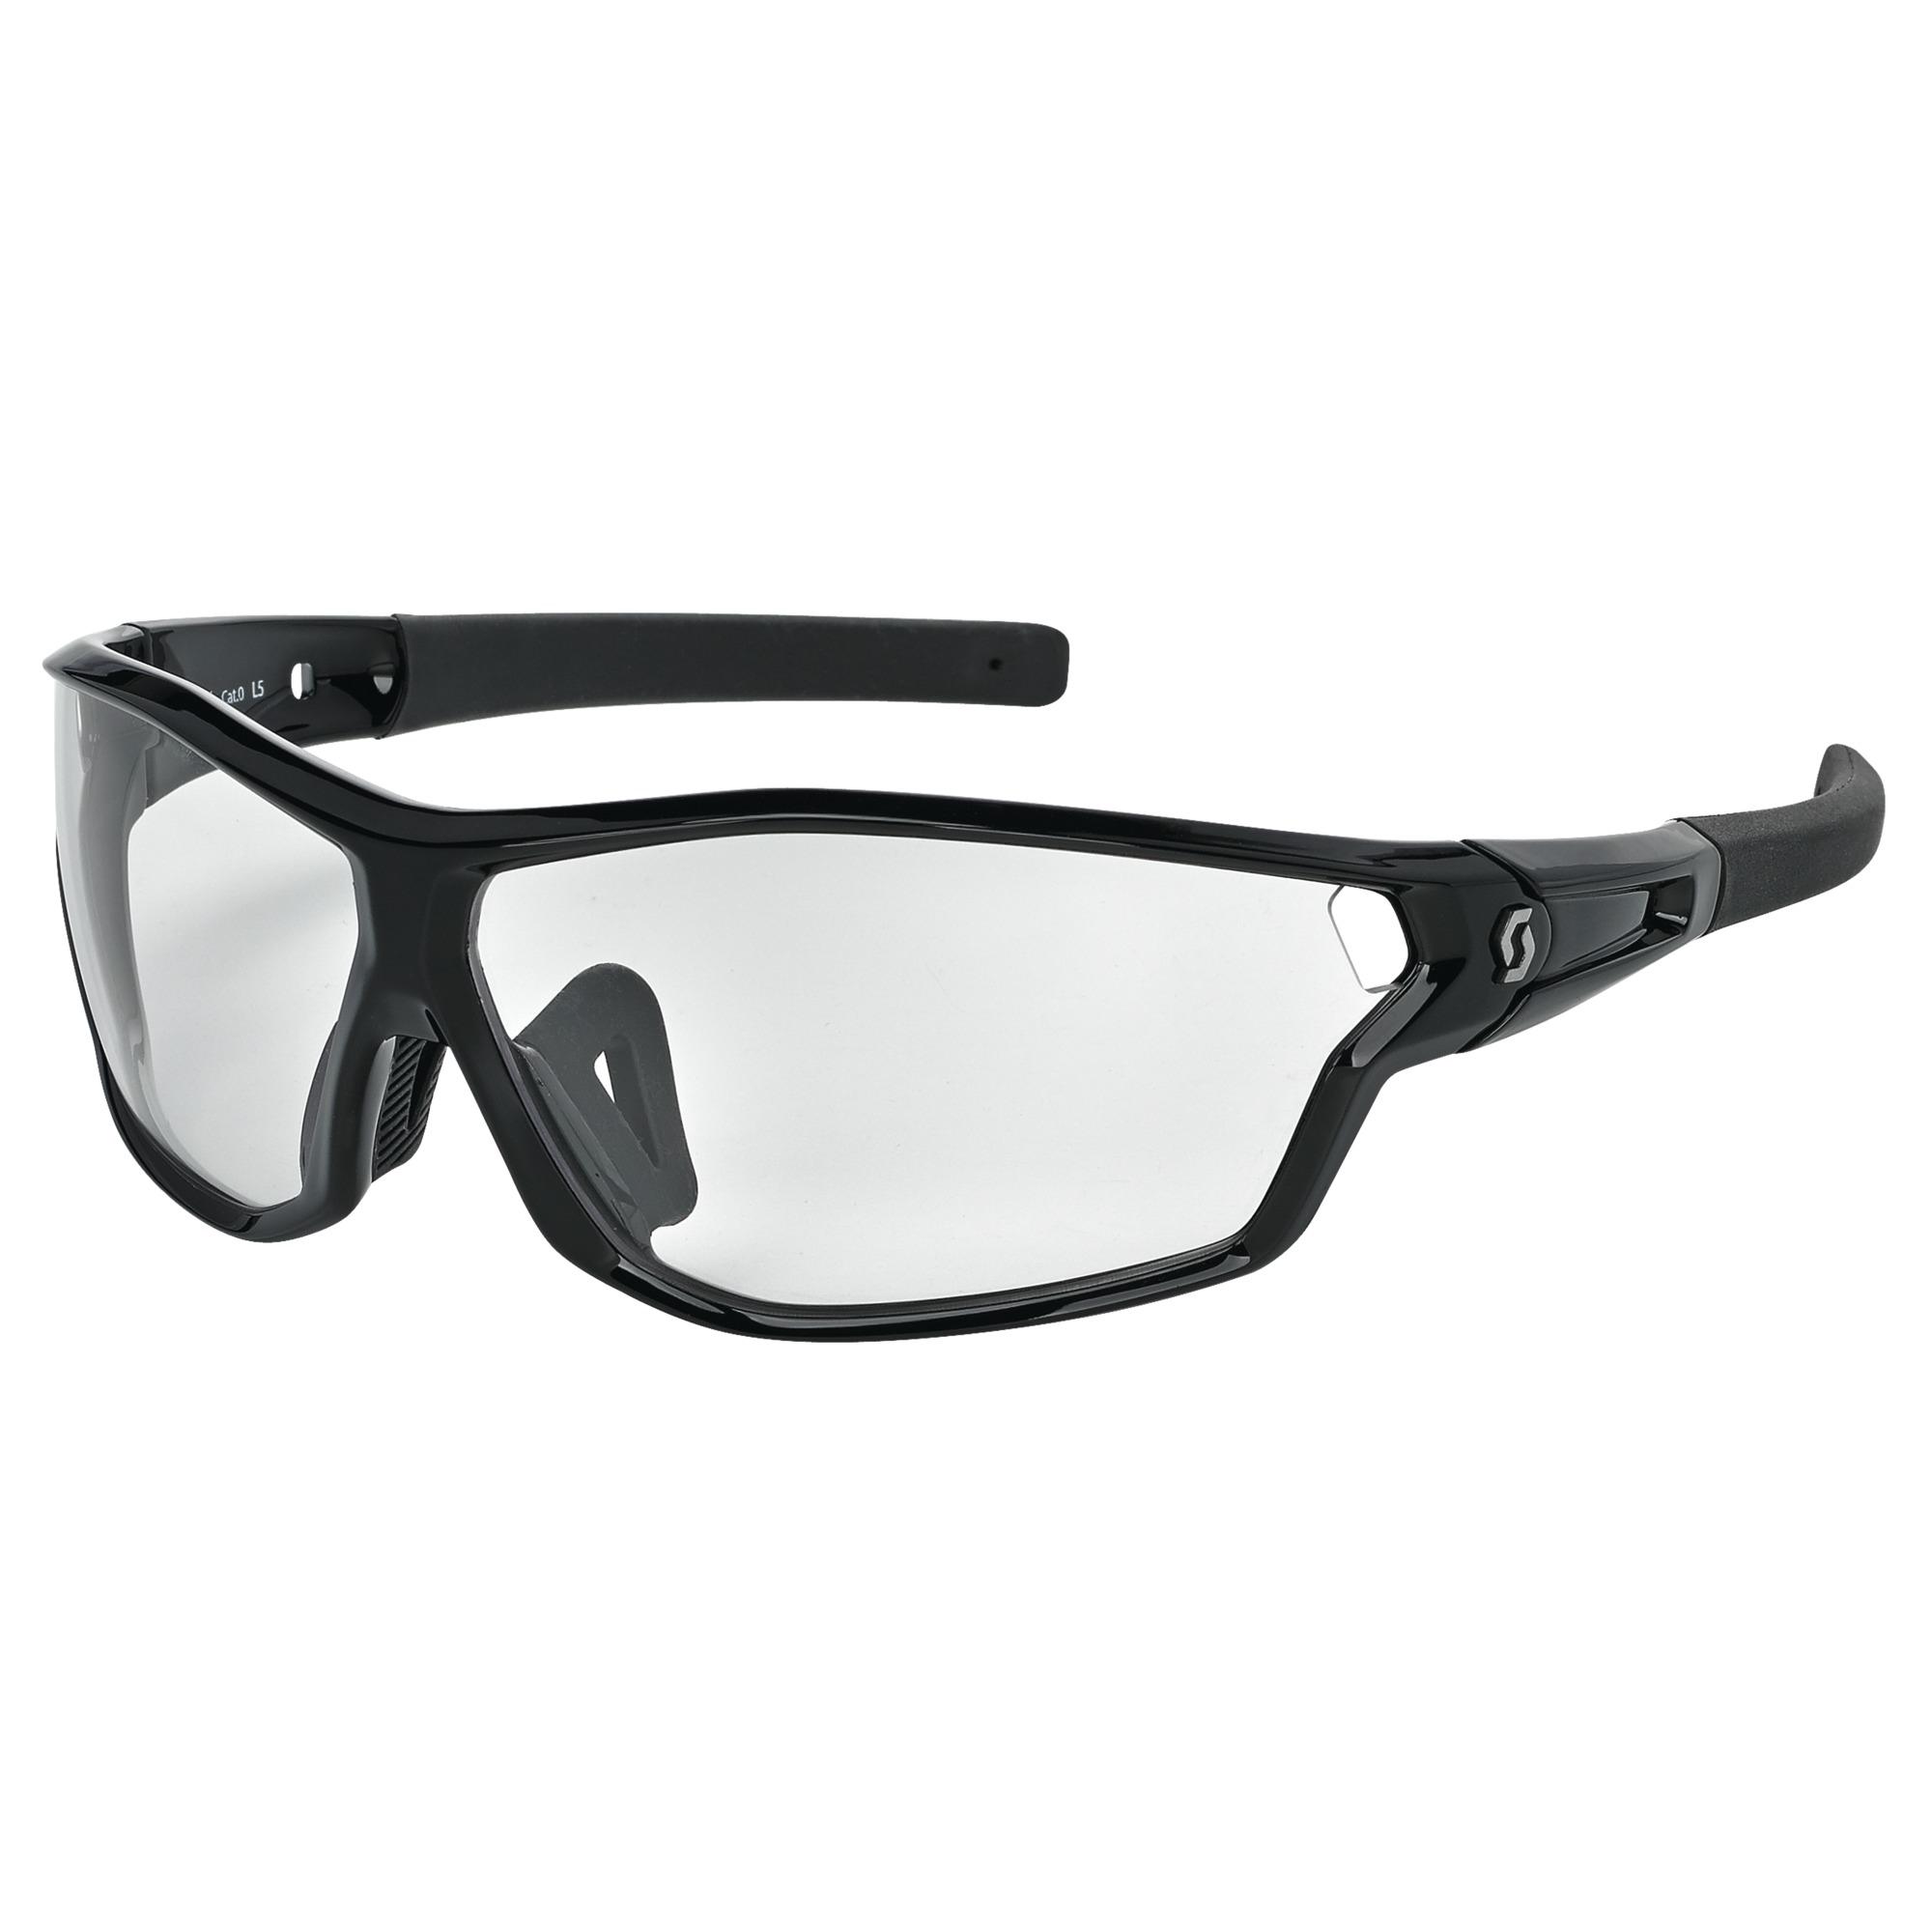 SPORT EYEWEAR SCOTT LEAP FULL FRAME SUNGLASSES 241,968 - Sunglasses ...